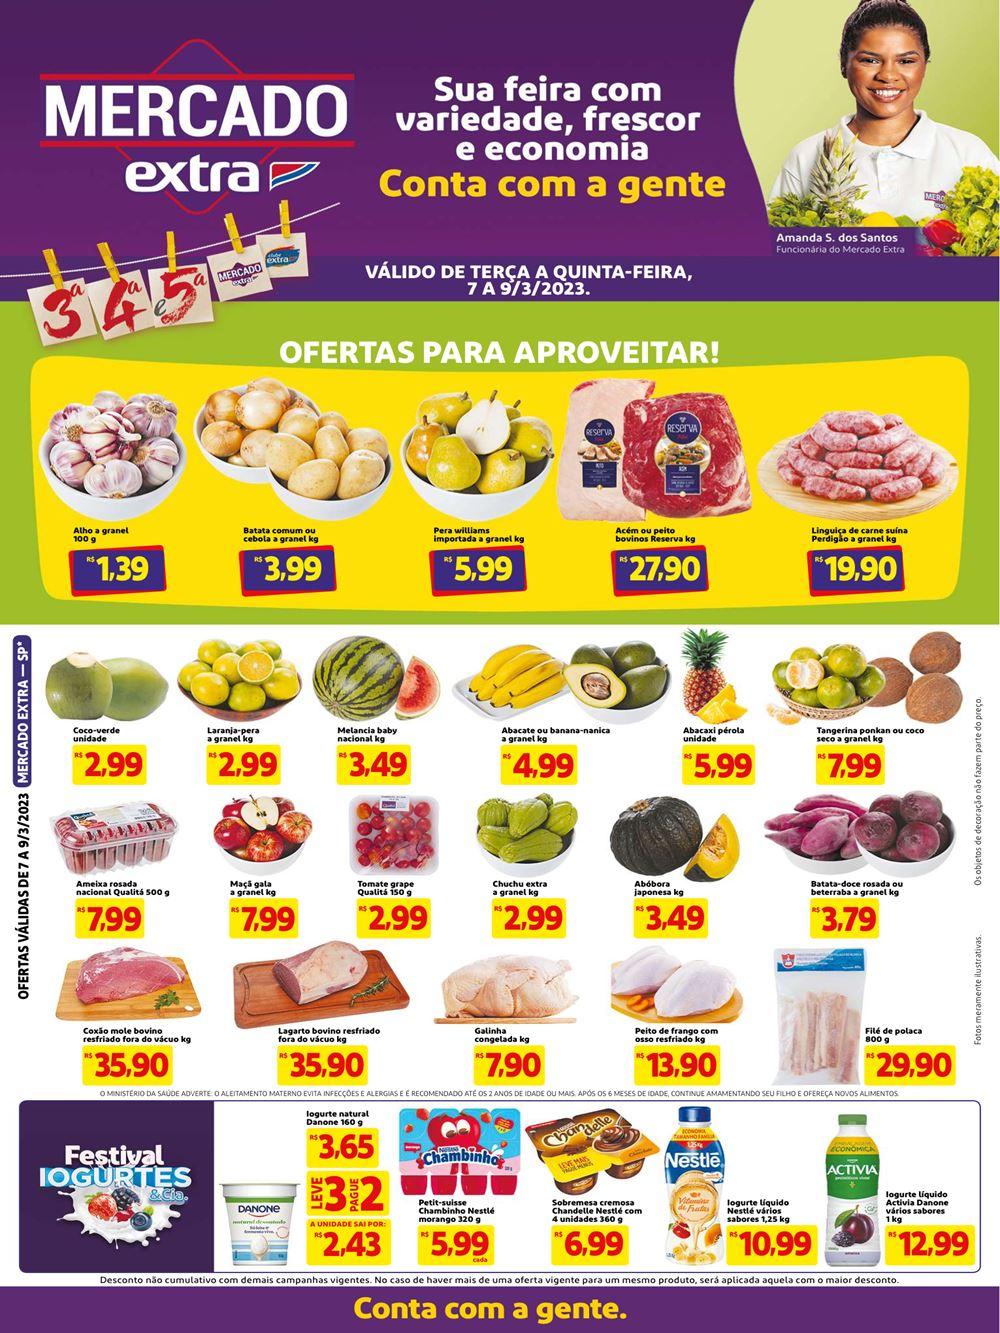 extra-ofertas-descontos-hoje1-40 São Paulo